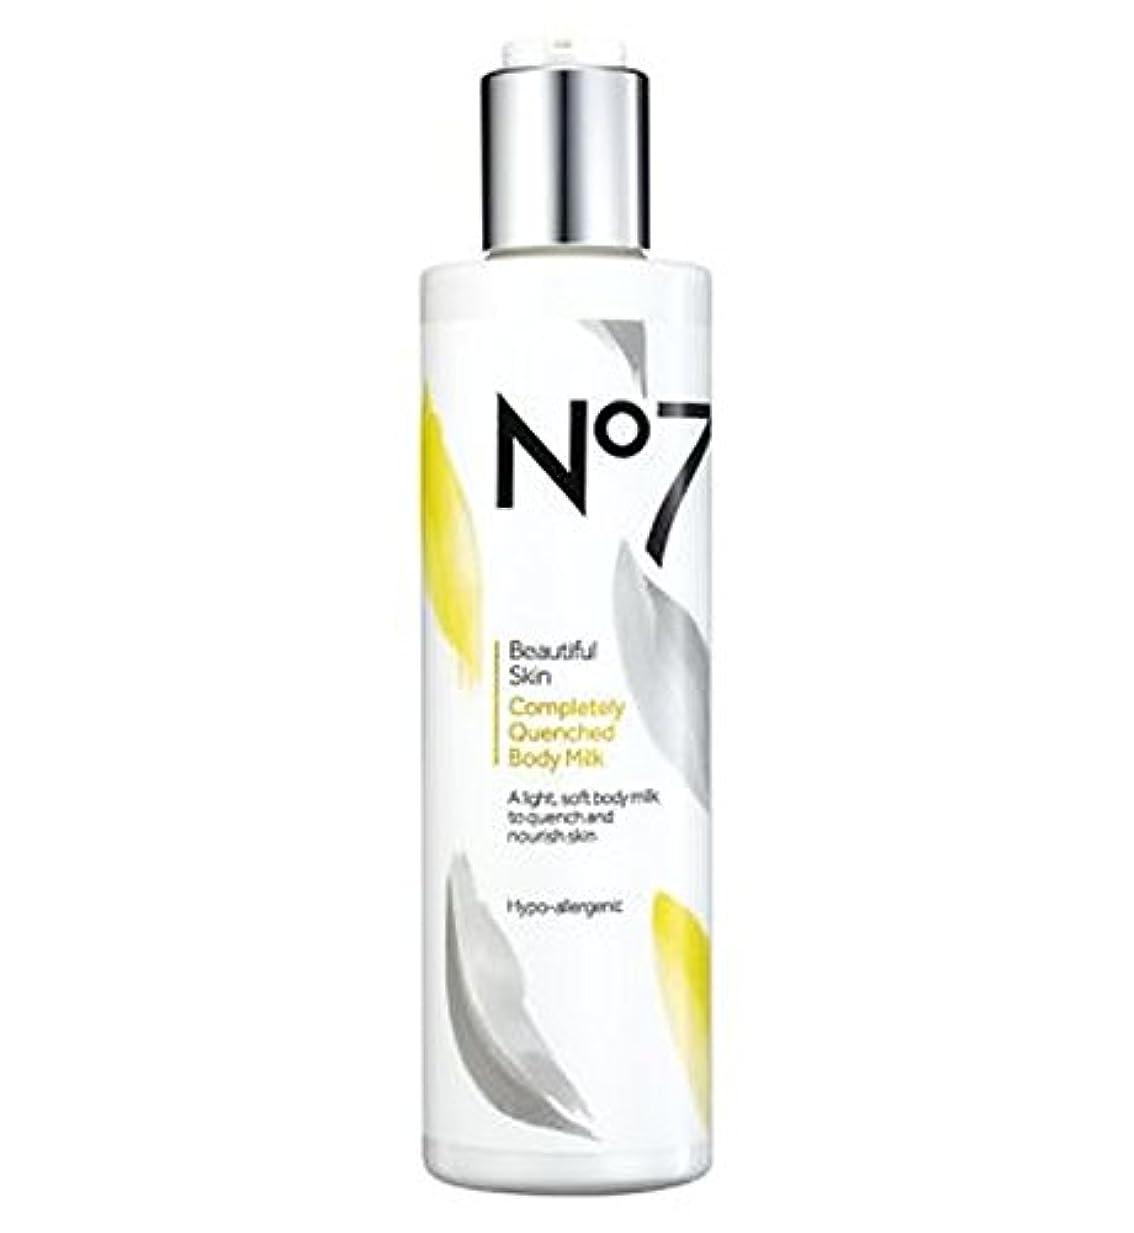 海外荒廃する爆風No7 Beautiful Skin Completely Quenched Body Milk - No7美しい肌完全に急冷ボディミルク (No7) [並行輸入品]